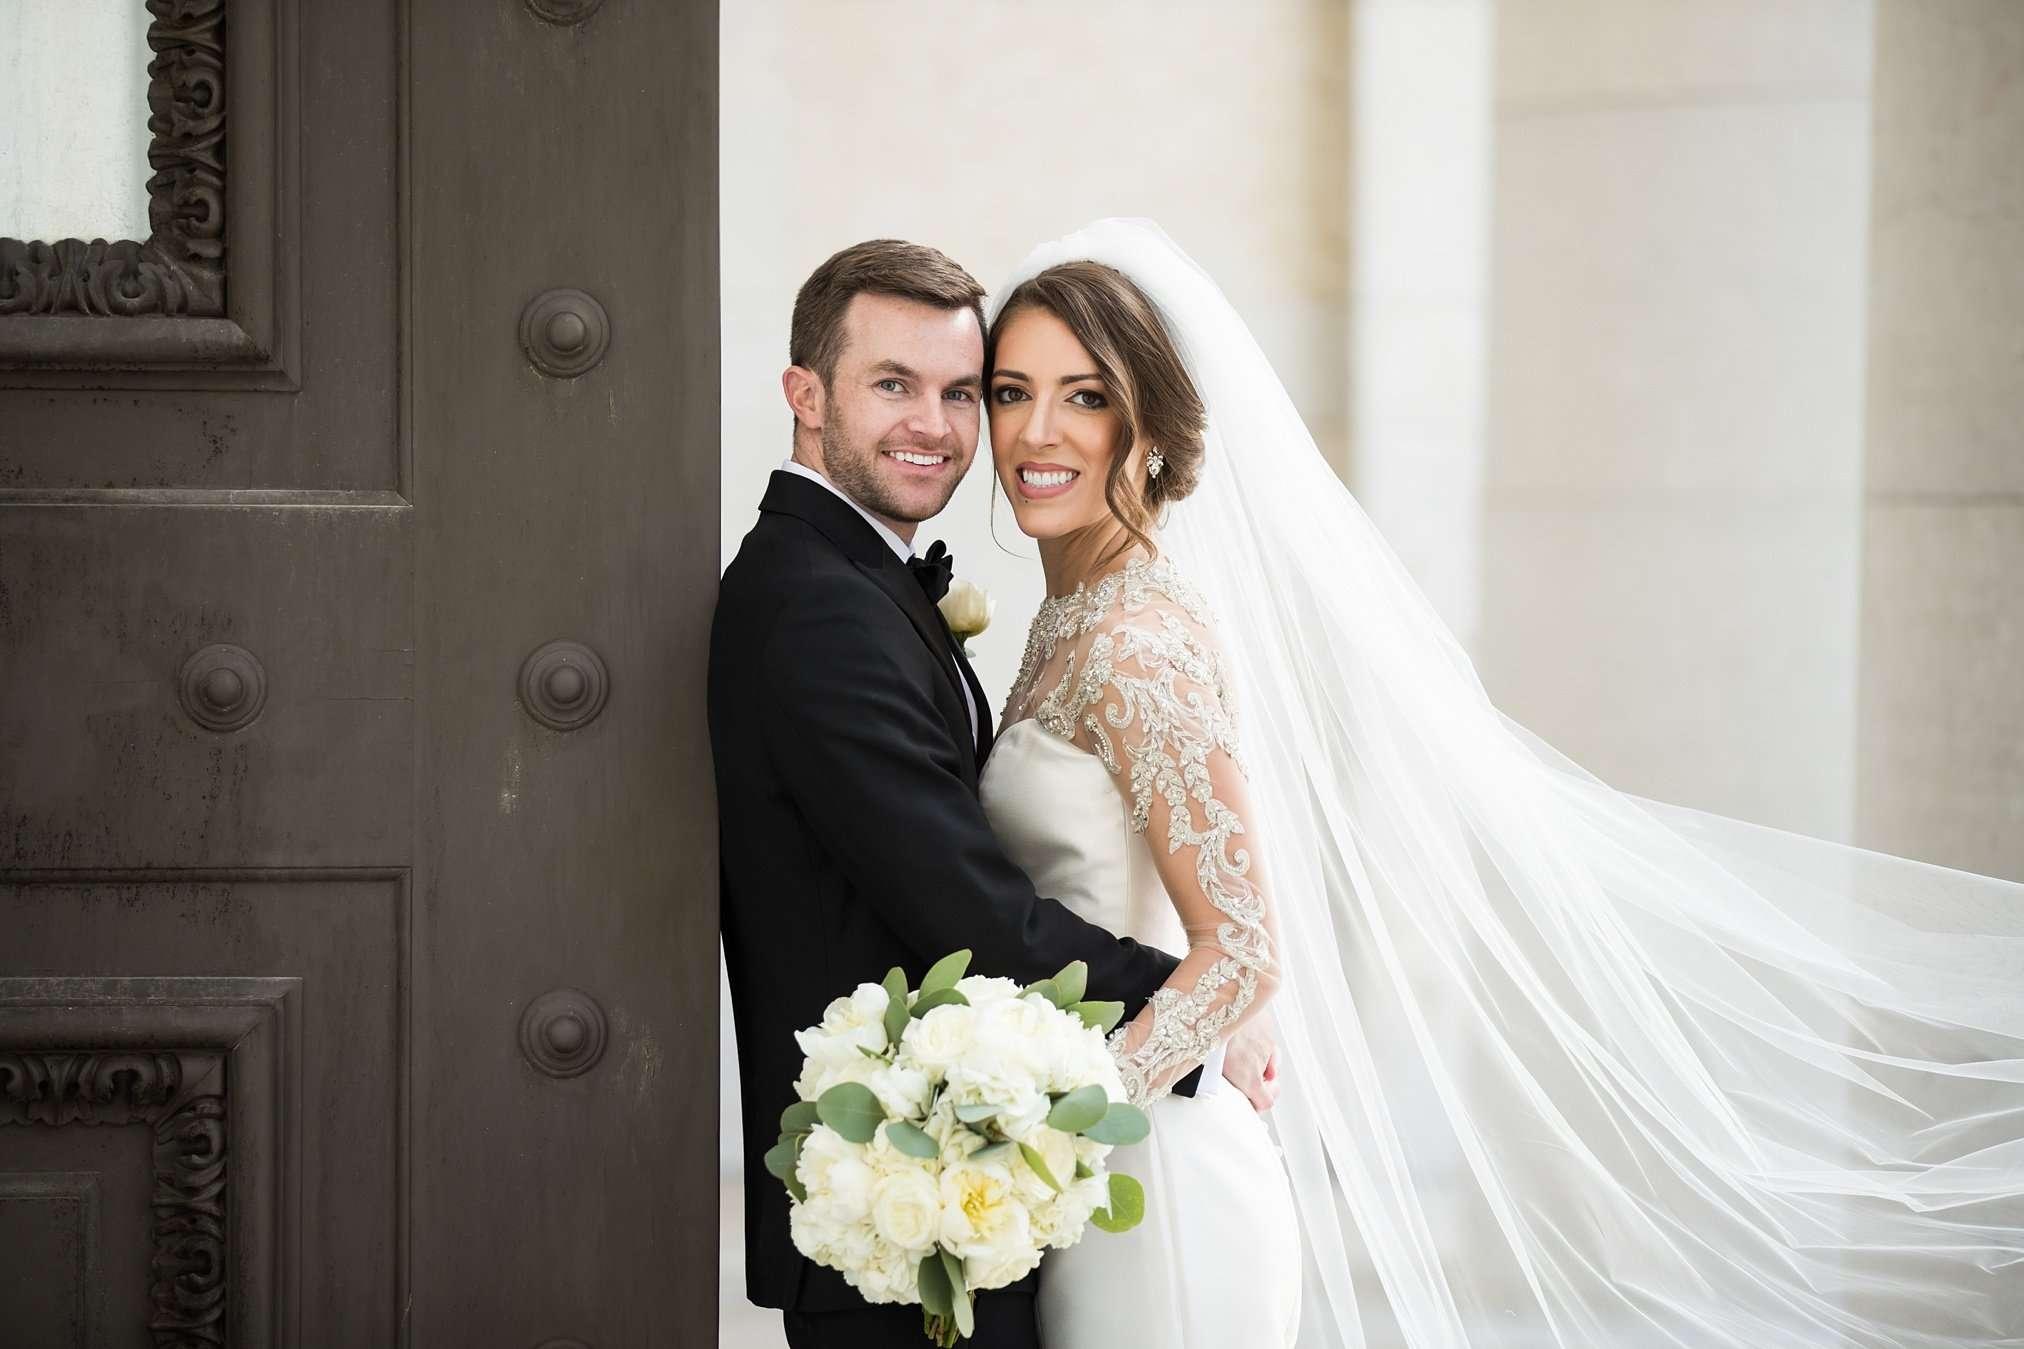 Spring Wedding at the Ohio Statehouse | Columbus Ohio Photography 2